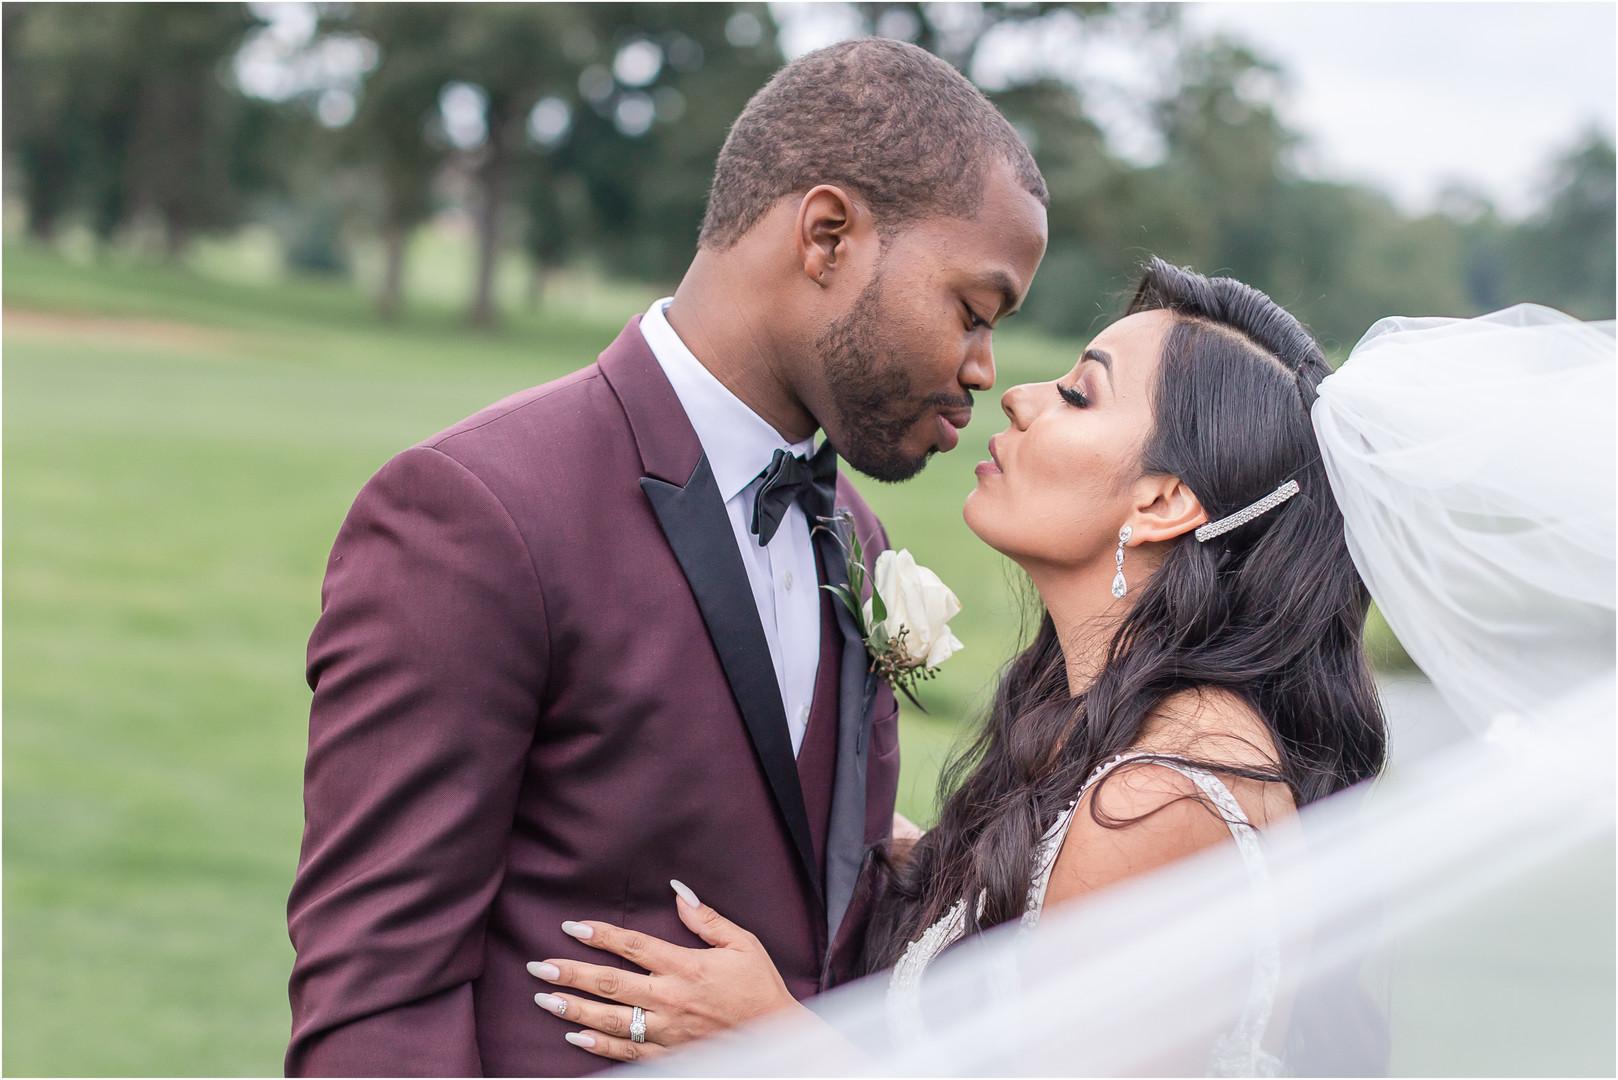 The-best-of-2019-wedding-photos-joliet-w